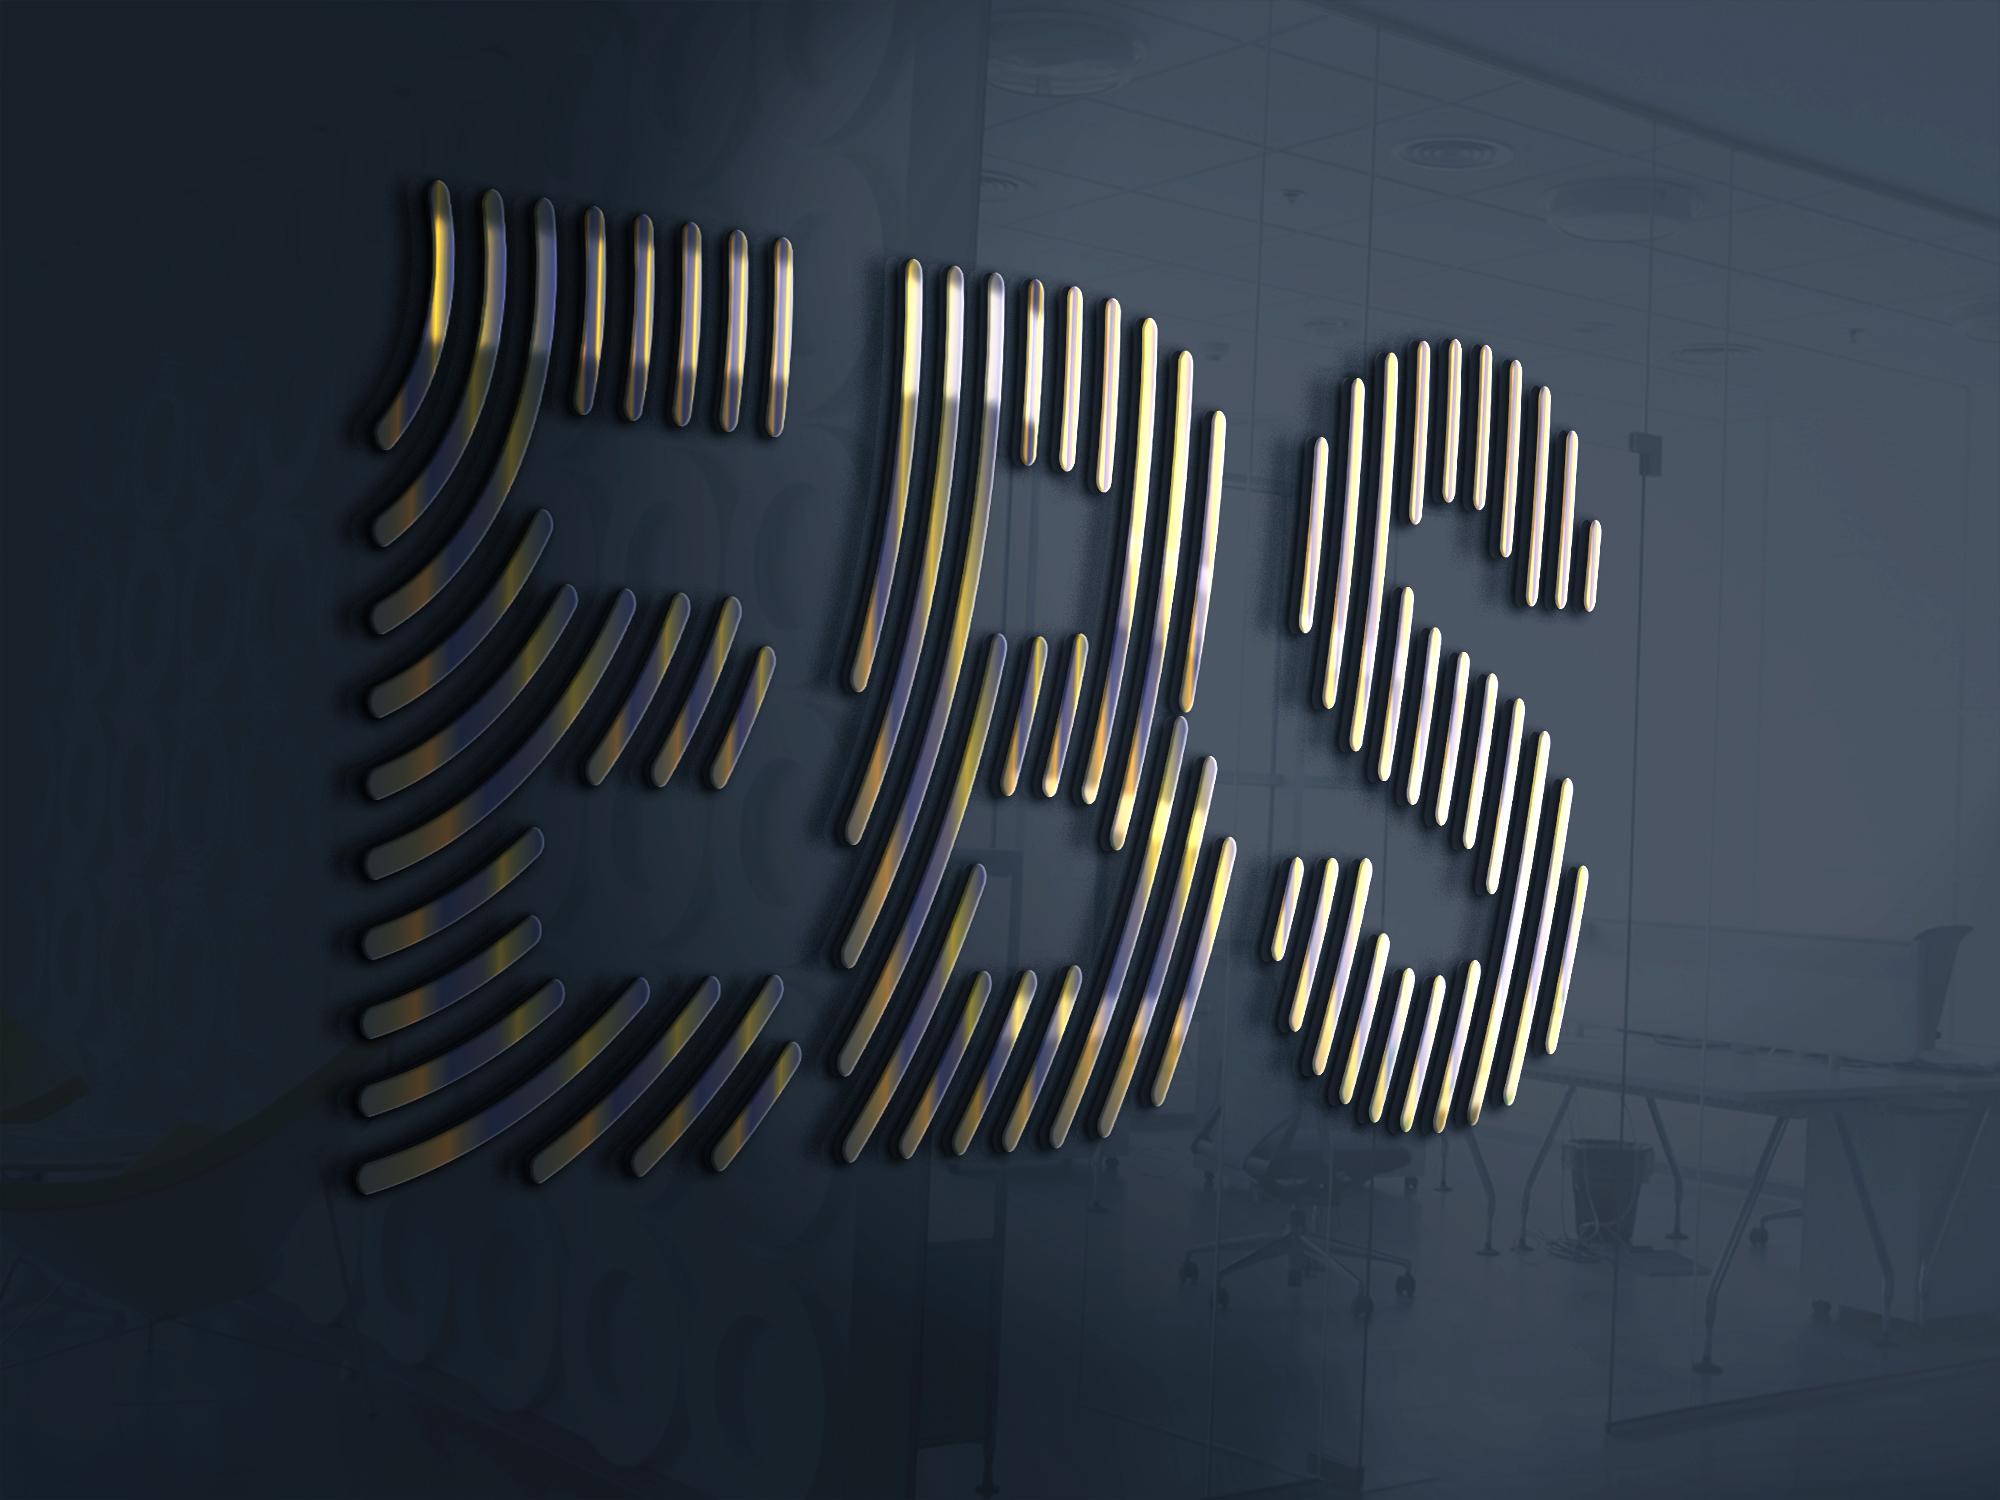 I will do best logo design 2020 in 12 hours